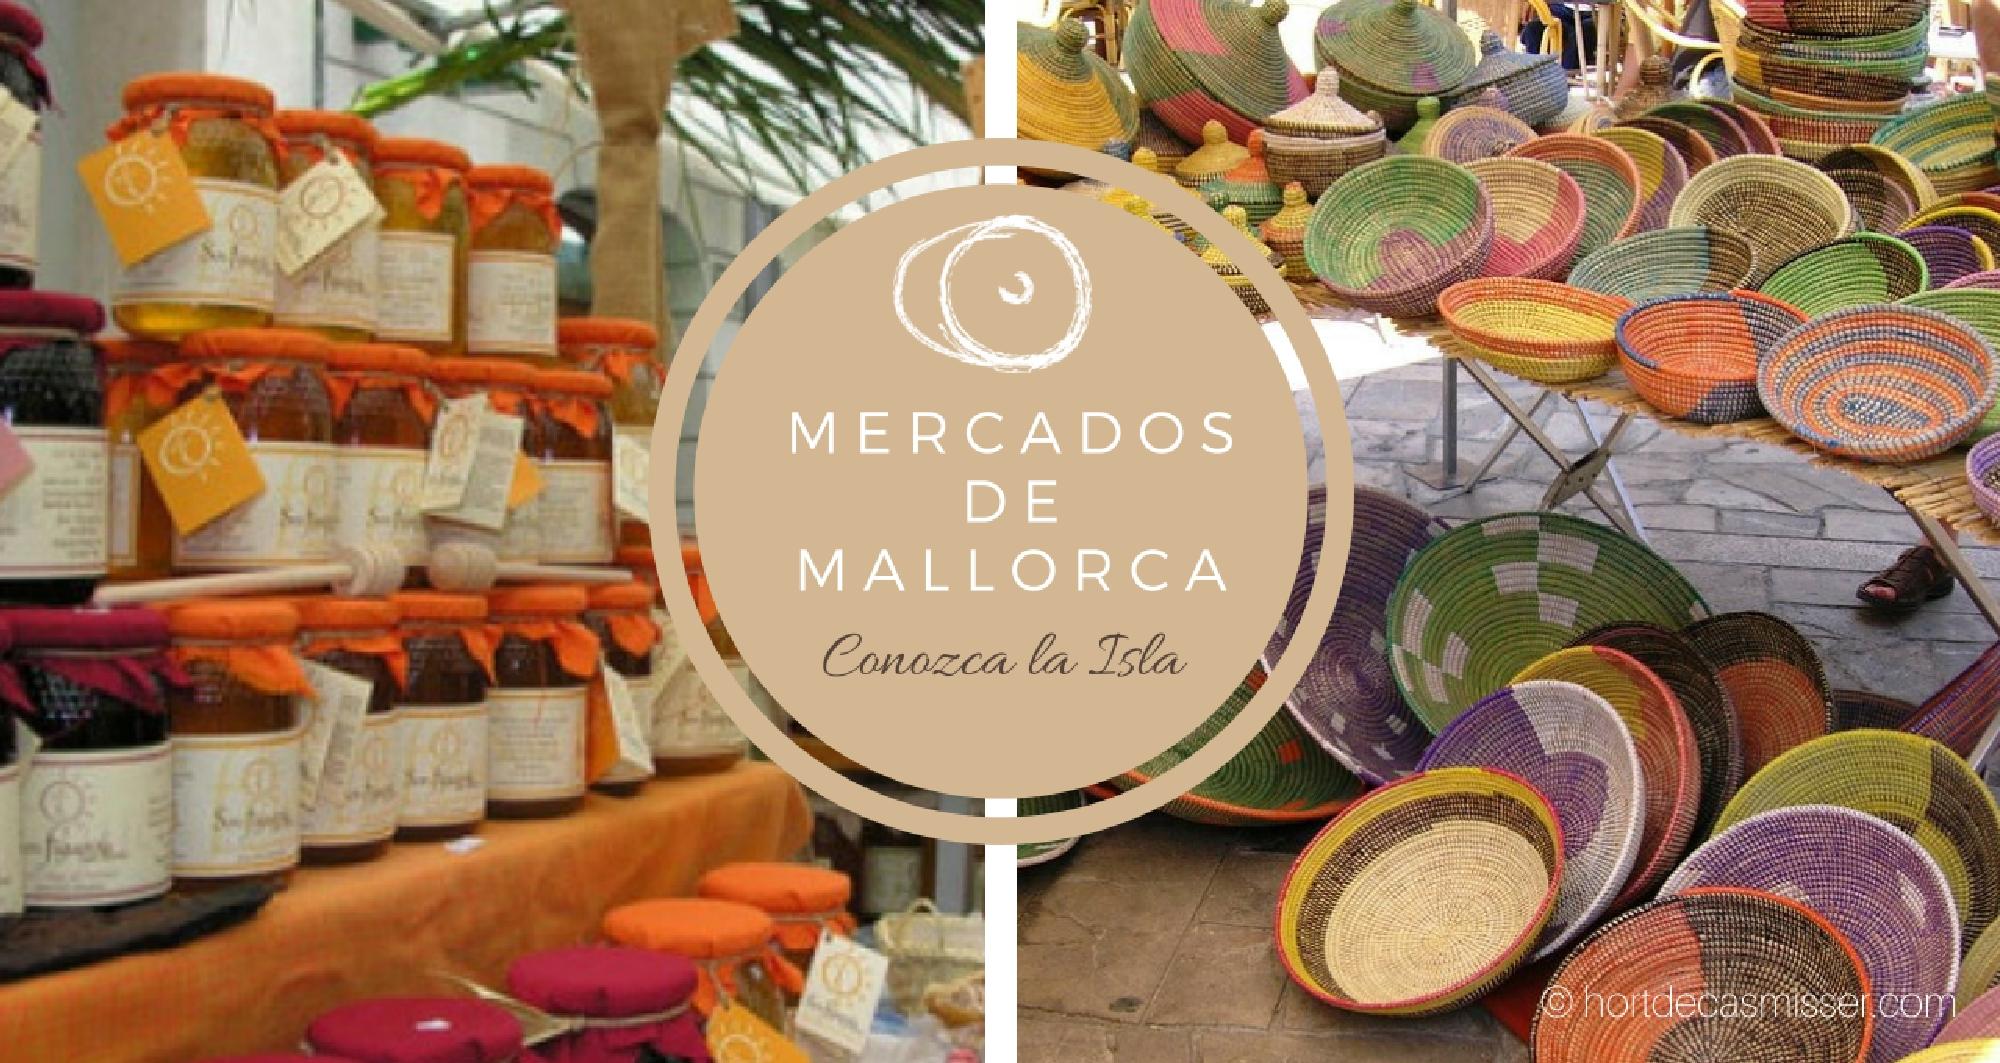 Blog -Mercados Mallorca Hortdecasmisser